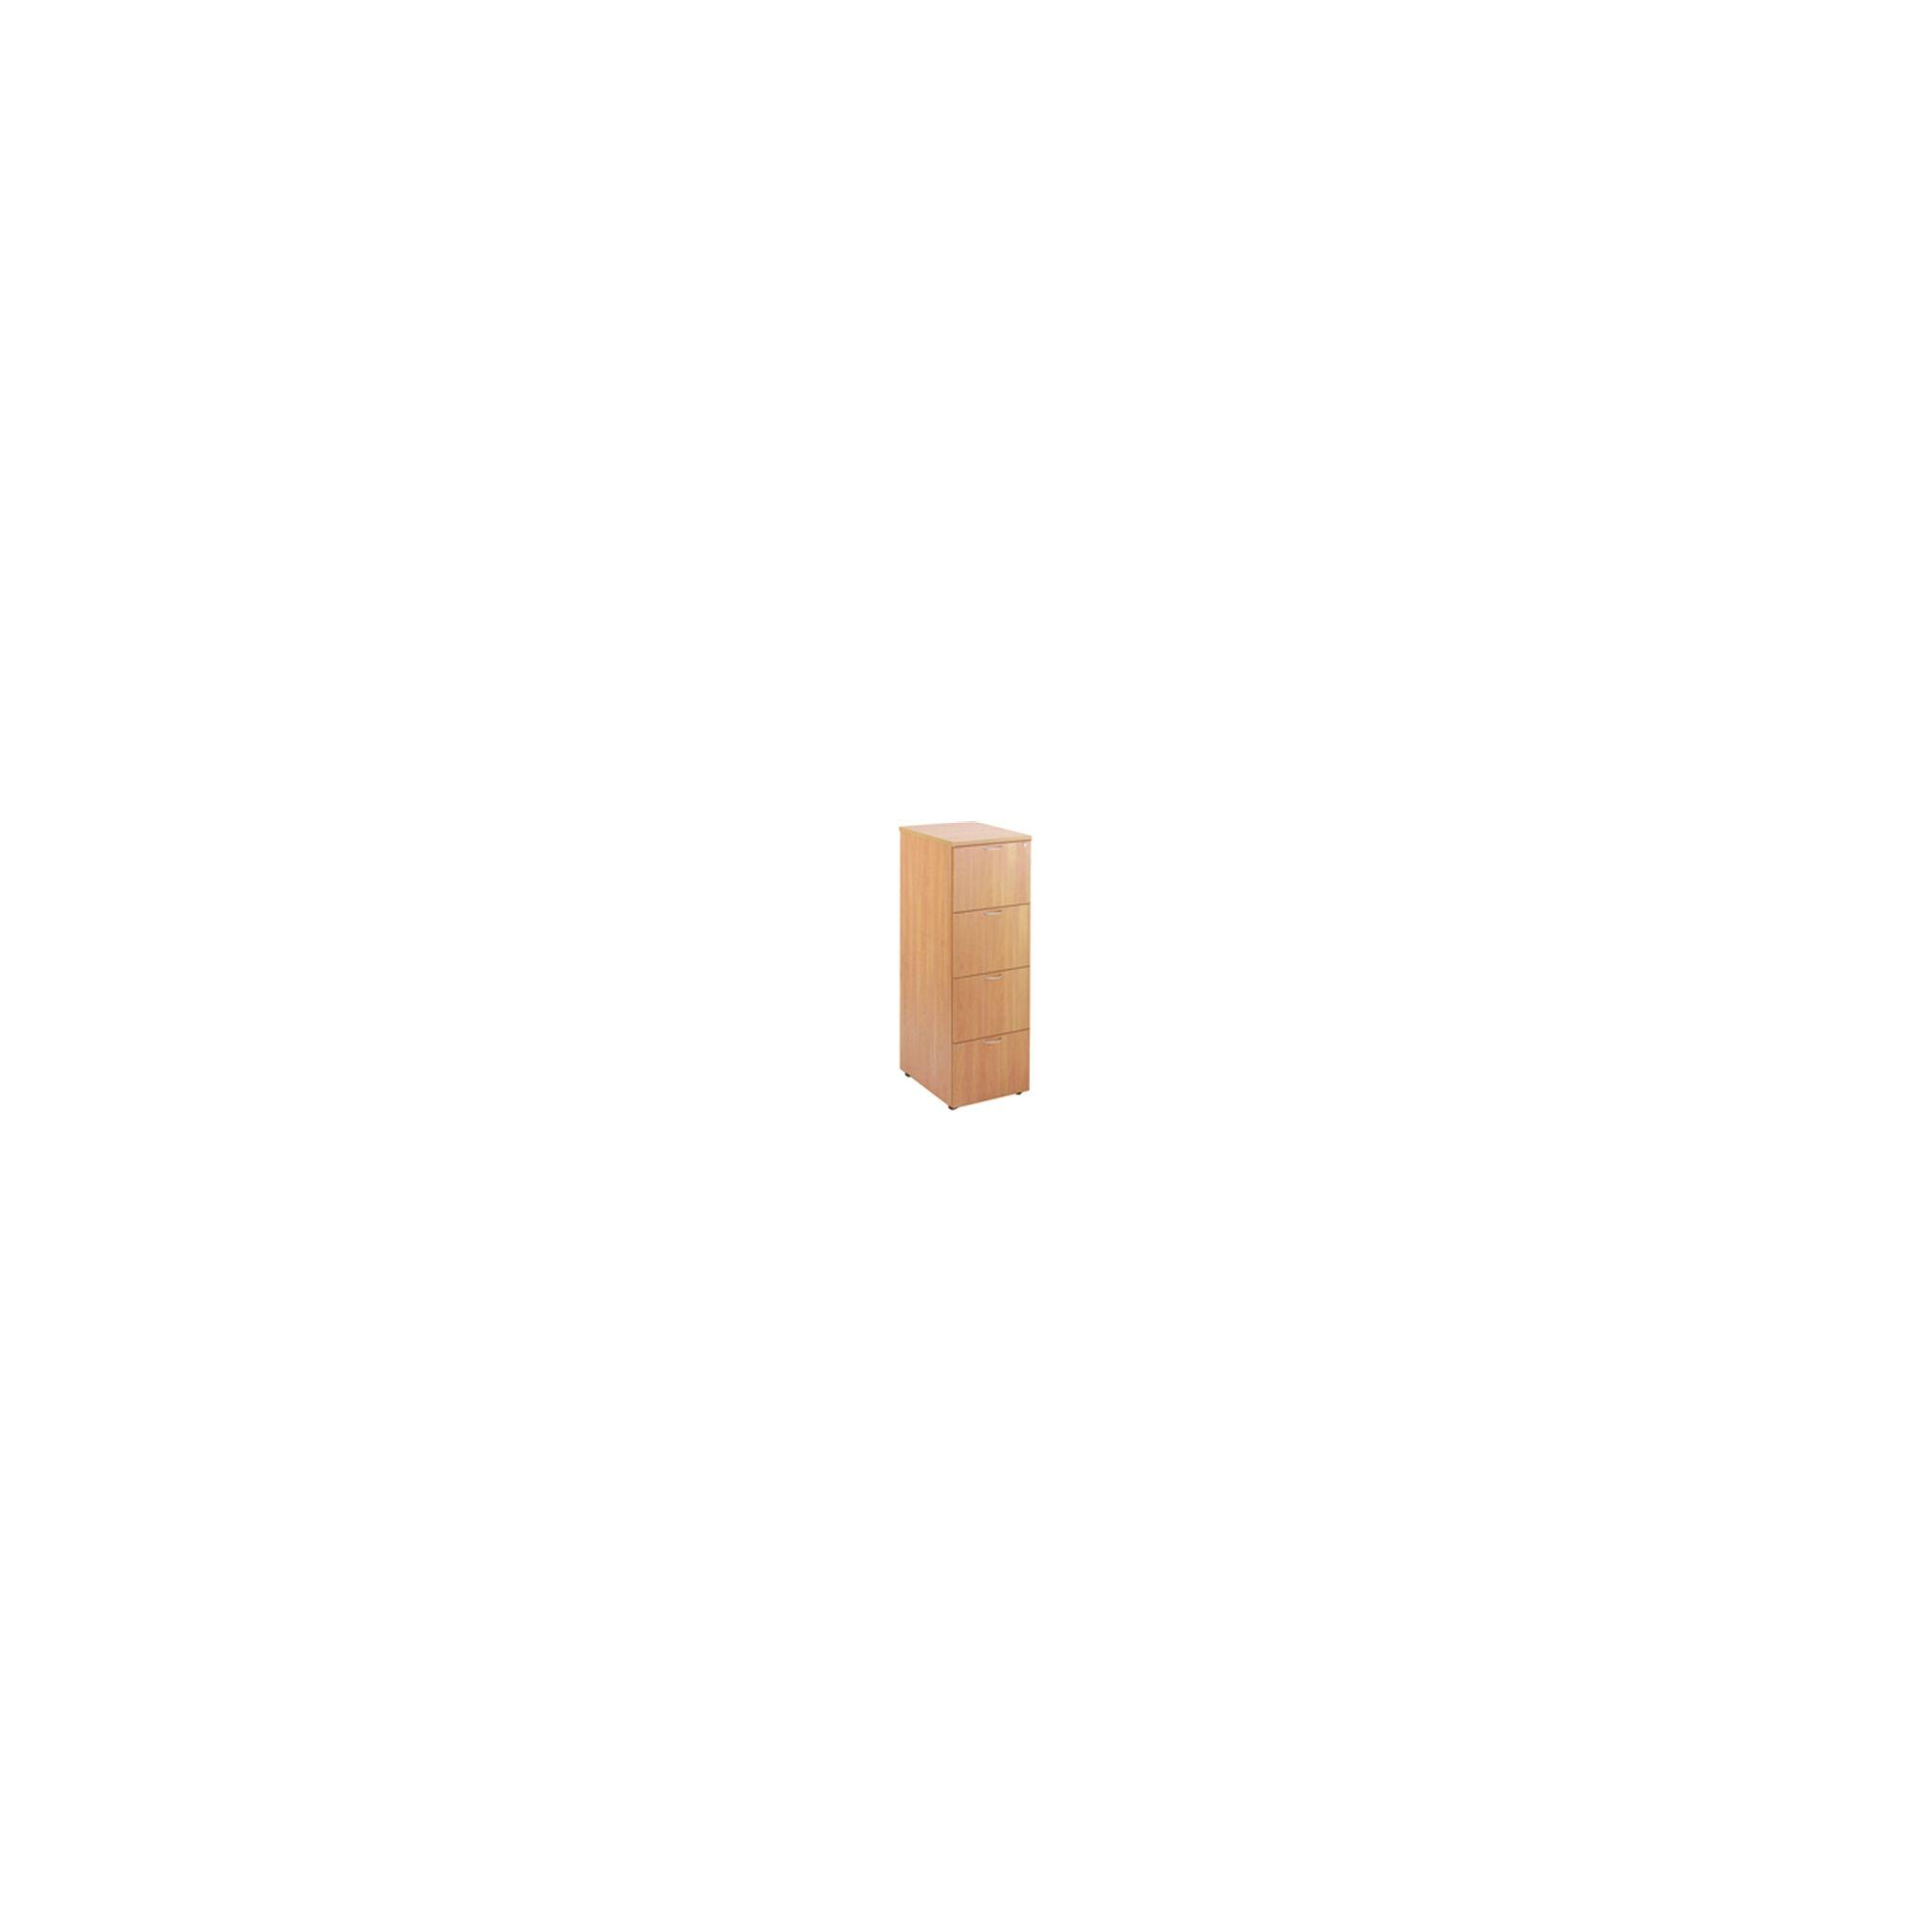 Jemini 4-Drawer Filing Cabinet Beech KF71958